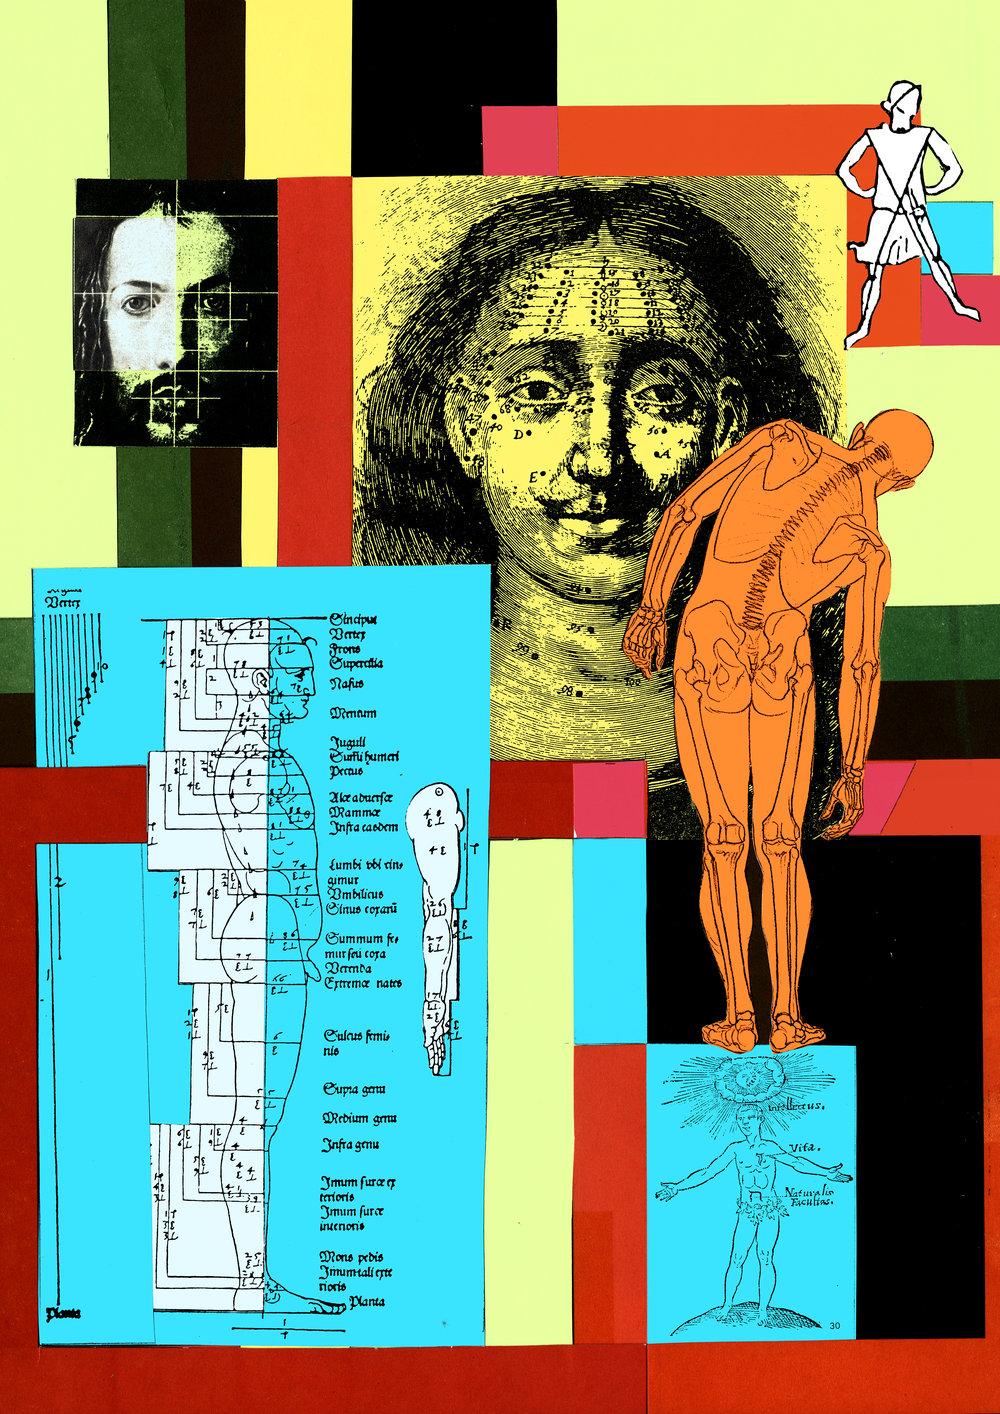 Obras do poeta visual brasileiro Wladimir Dias-Pino